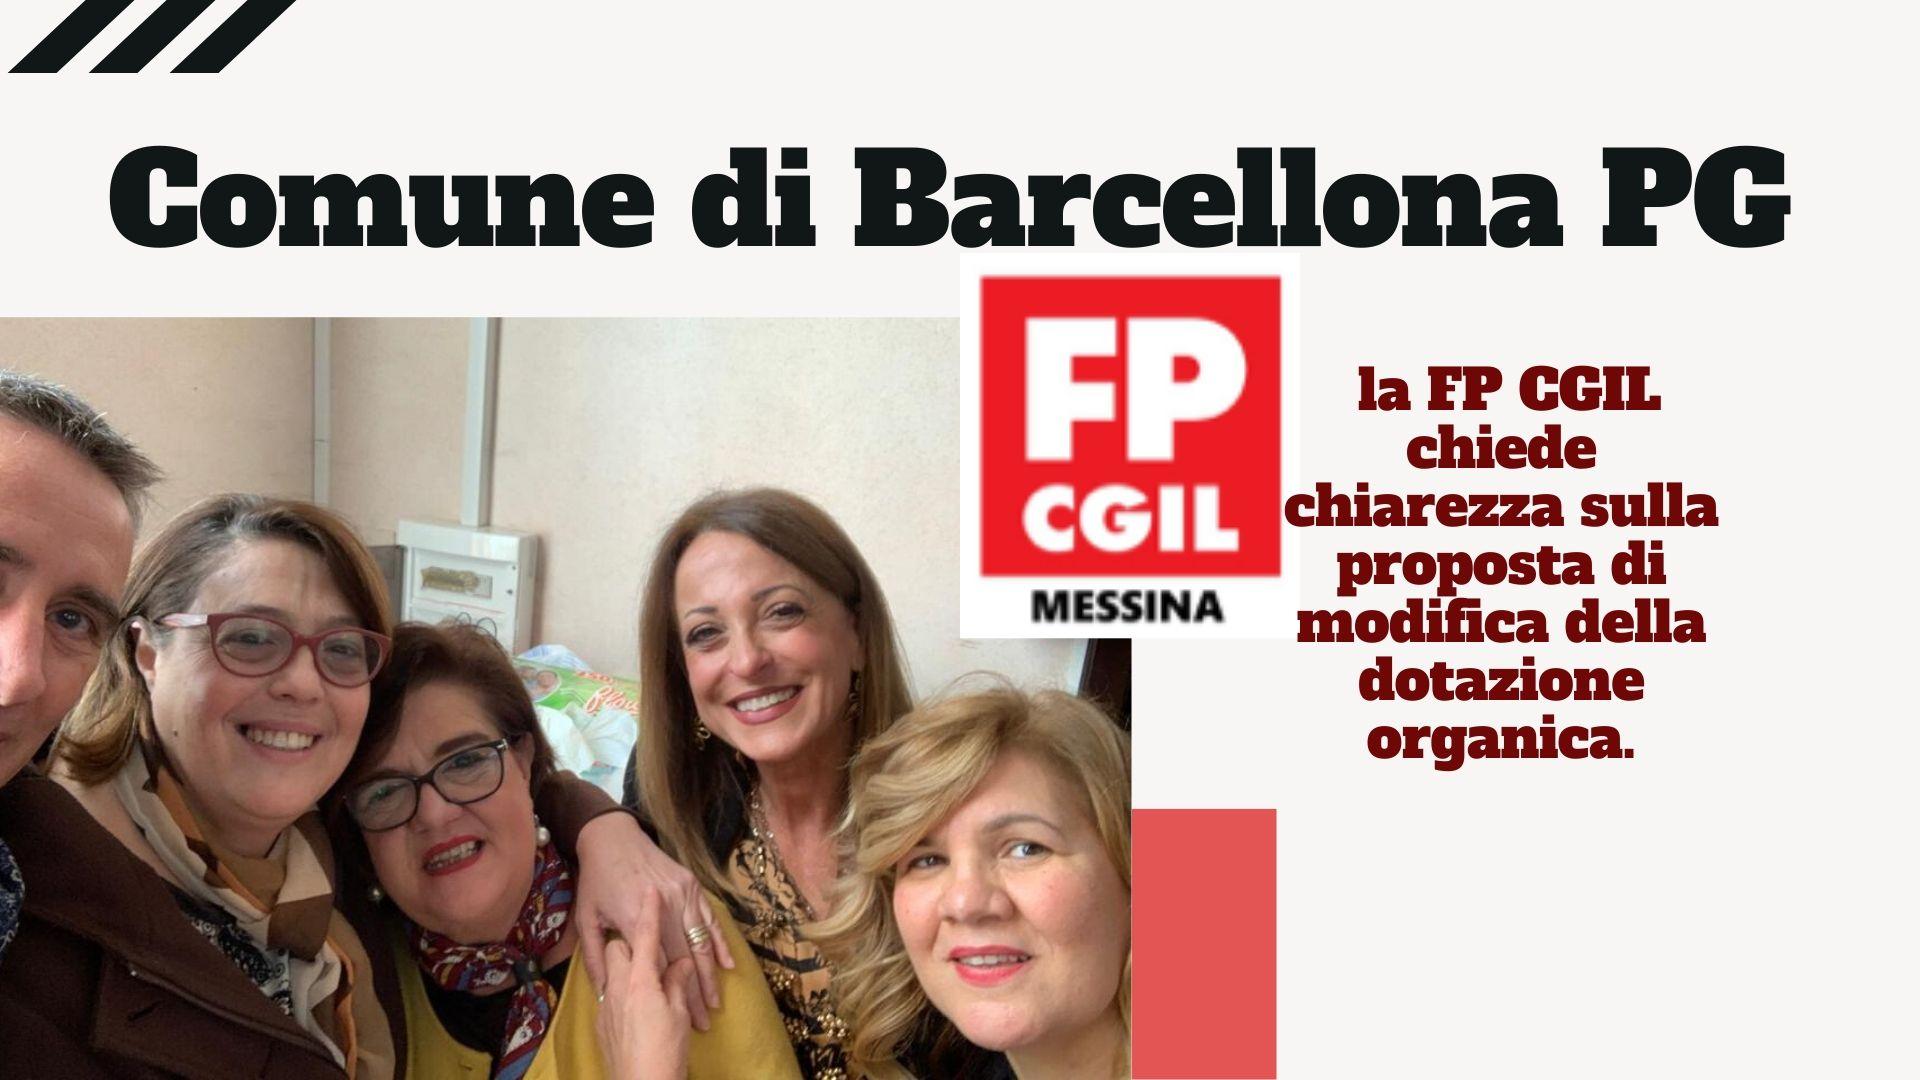 Comune di Barcellona PG: la FP CGIL chiede chiarezza sulla proposta di modifica della dotazione organica. La stabilizzazione del personale ASU sia una priorità ma non determini definitivamente l'impossibilità di riqualificazione per il personale di ruolo.